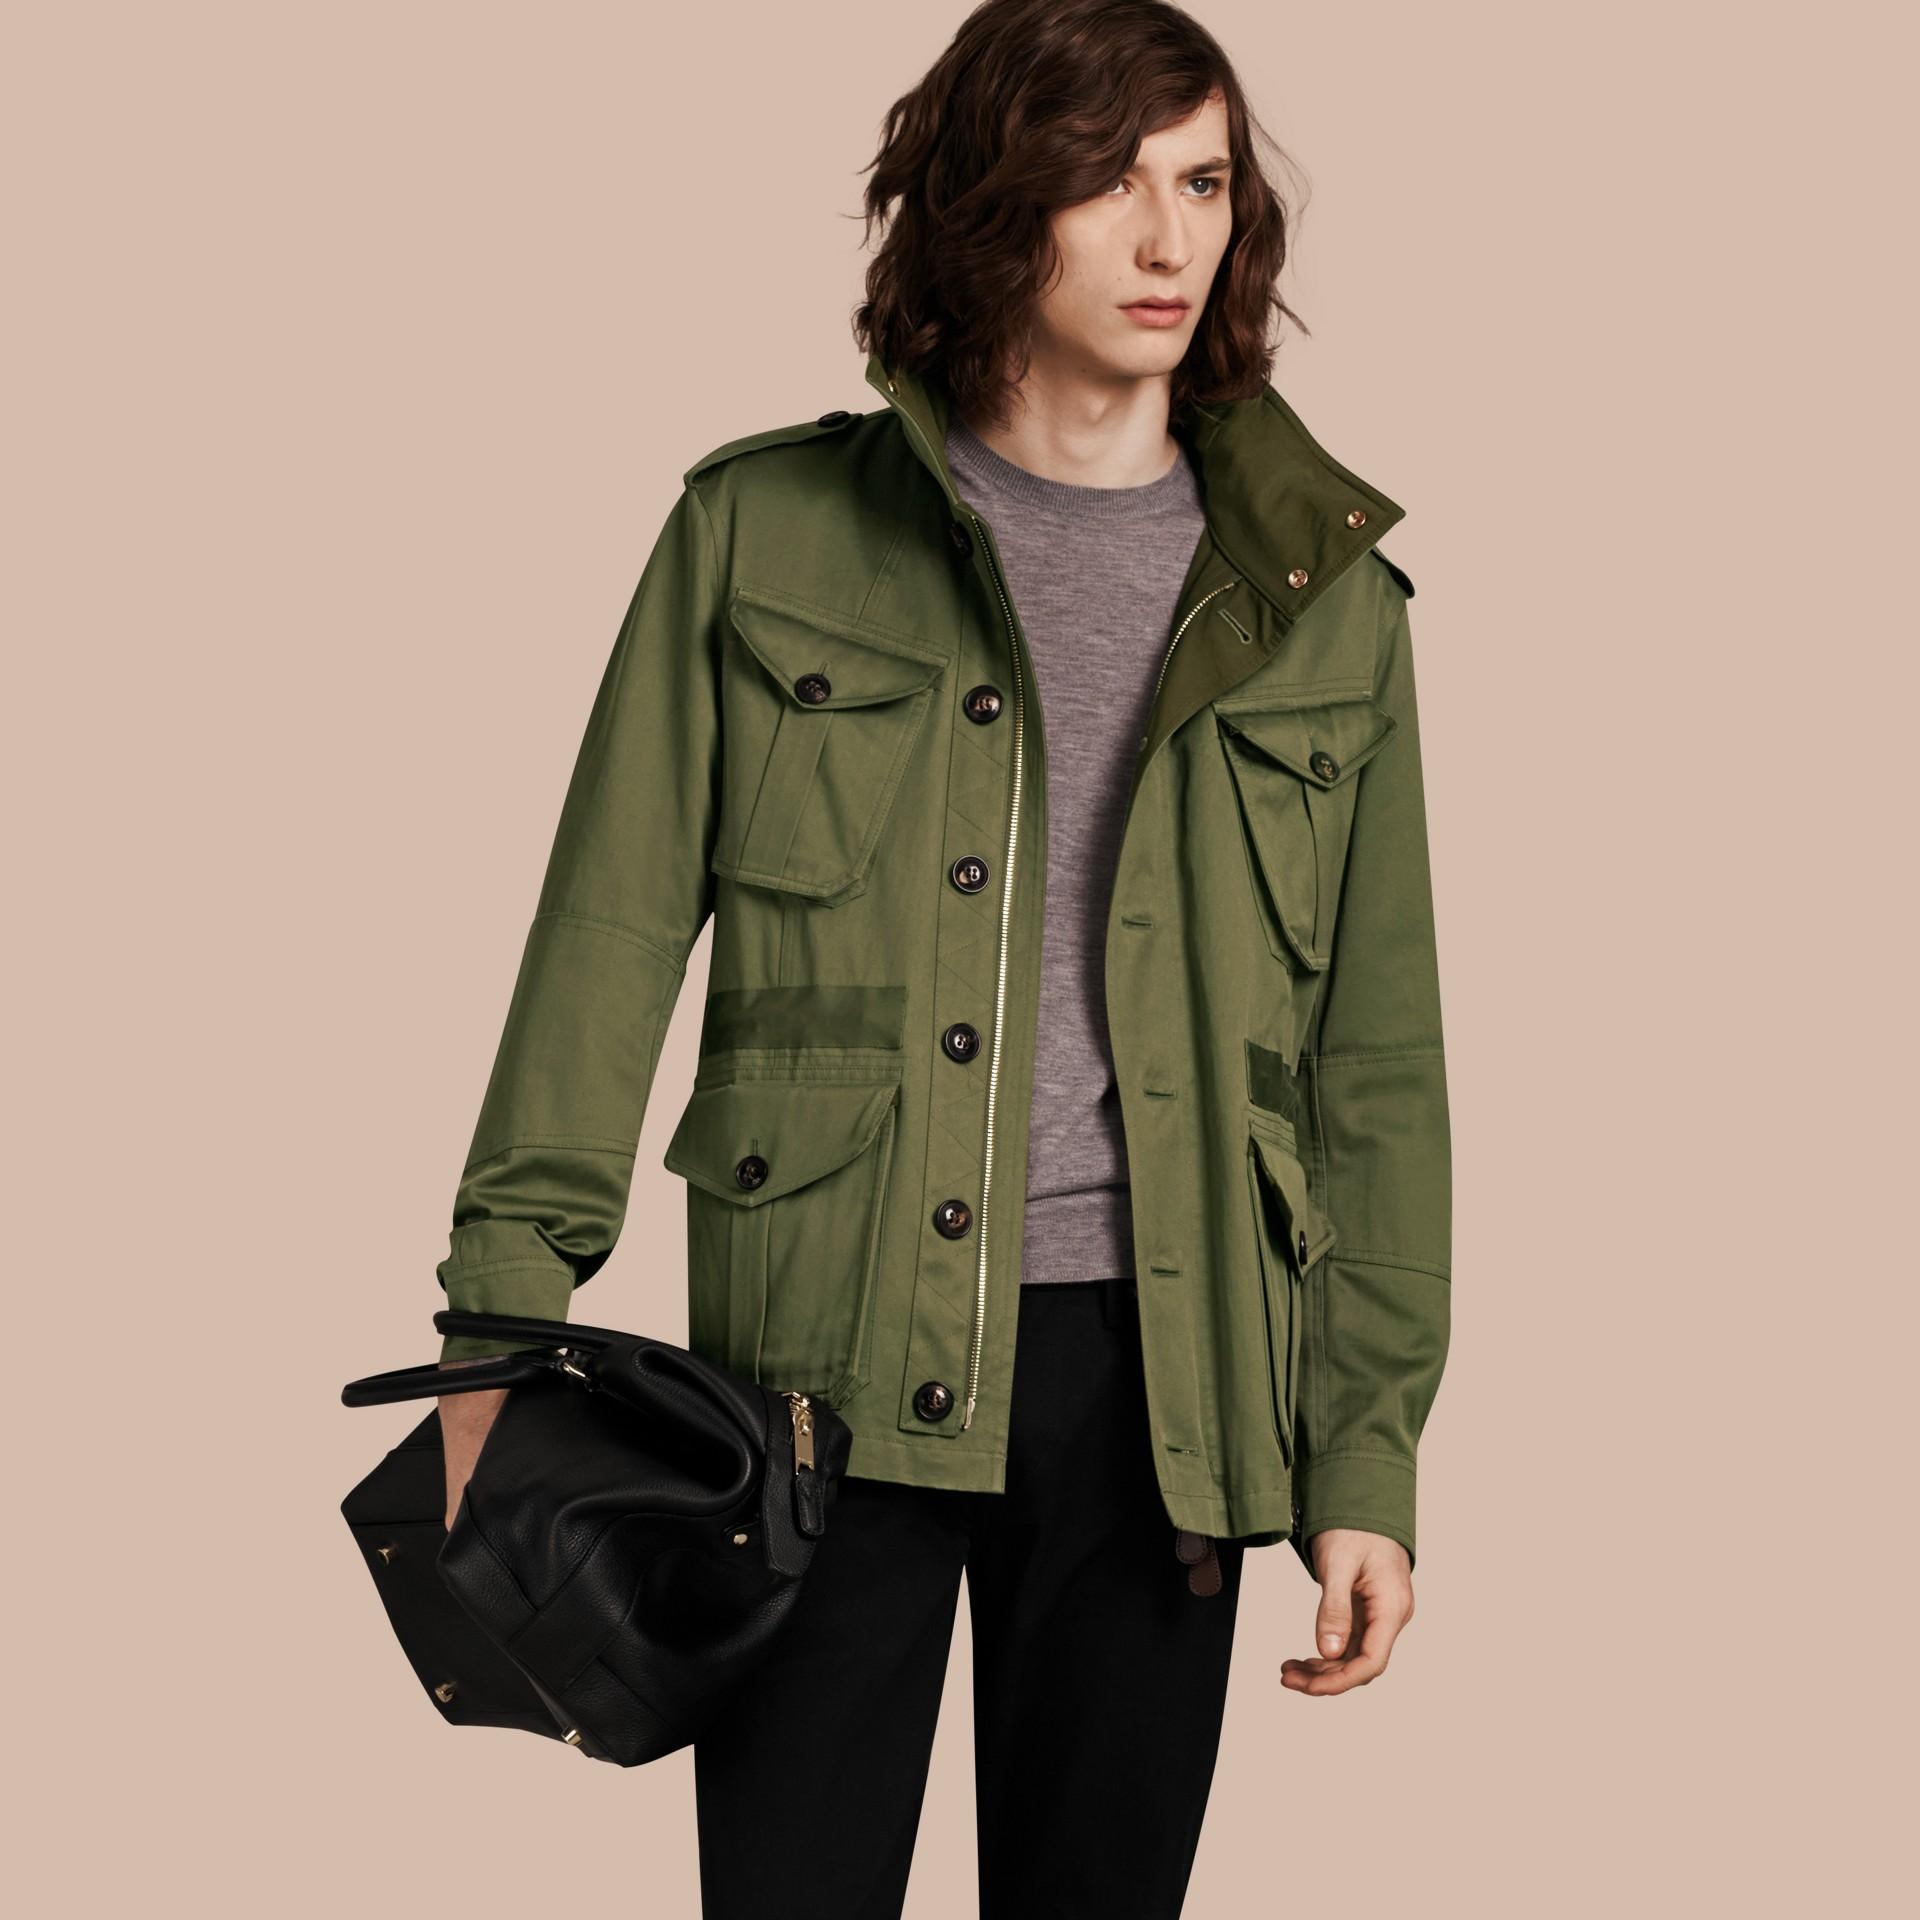 Verde oliva Jaqueta estilo militar de algodão com capuz - galeria de imagens 1